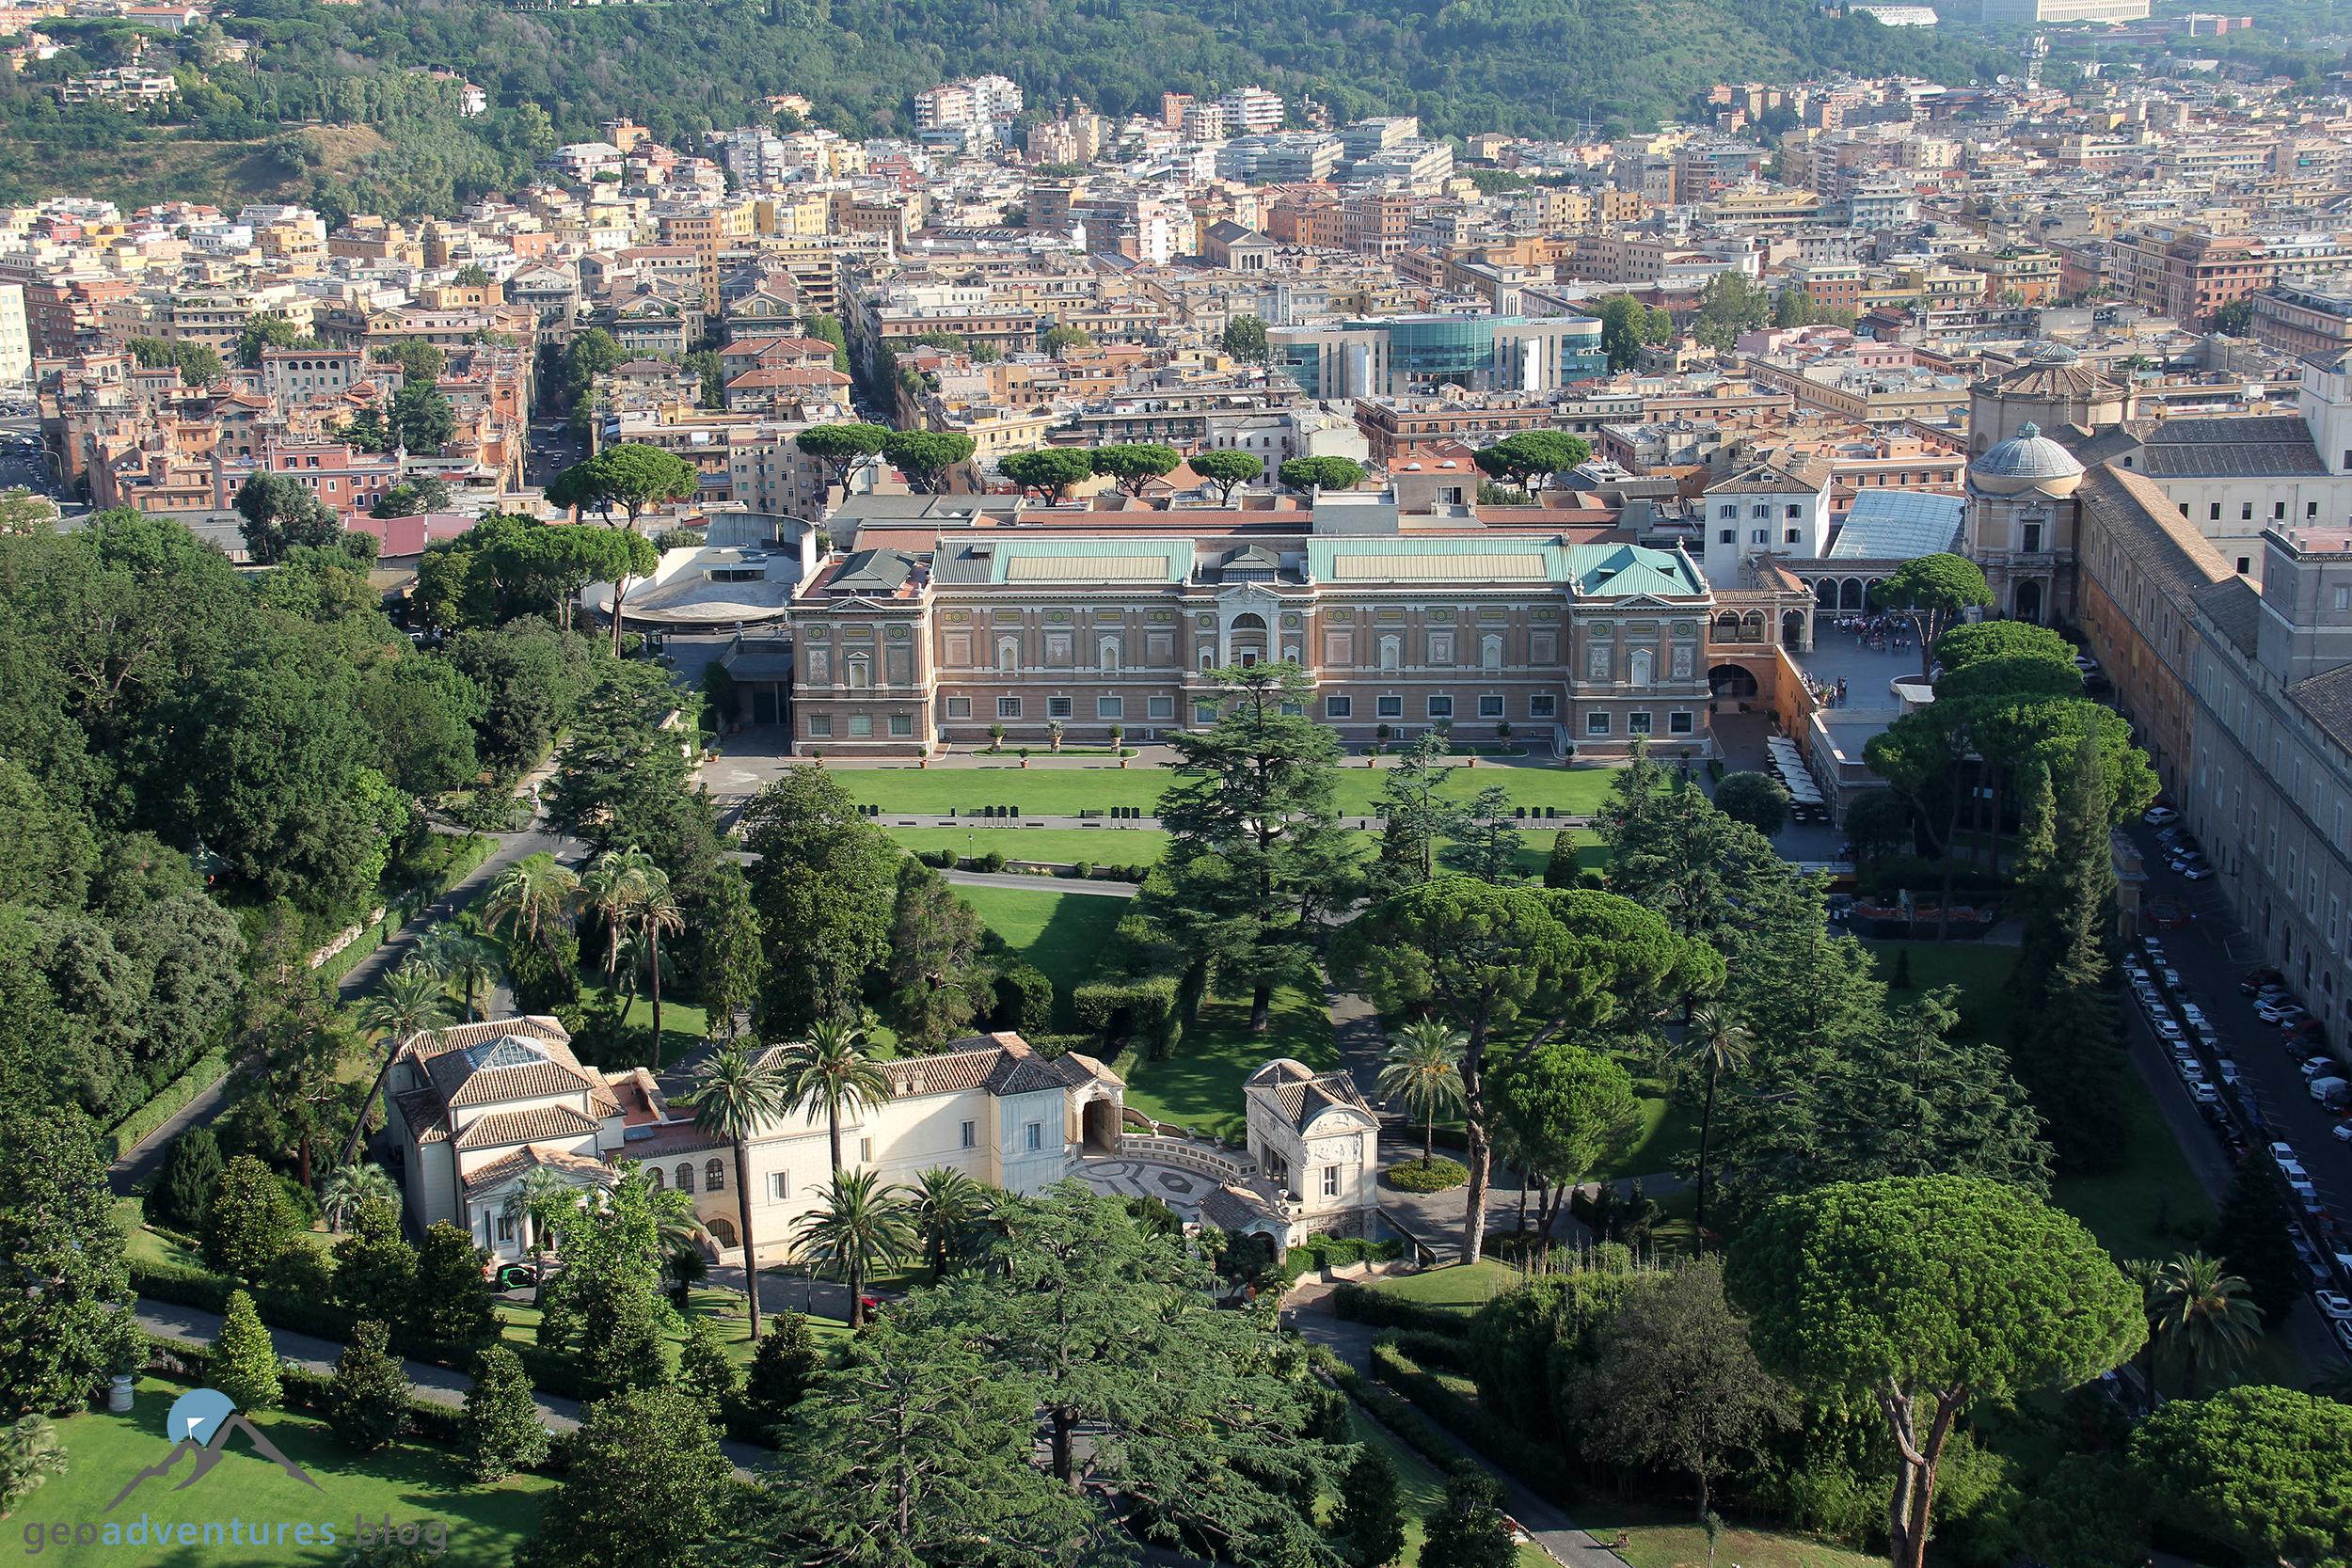 Päpstliche Akademie der Wissenschaften